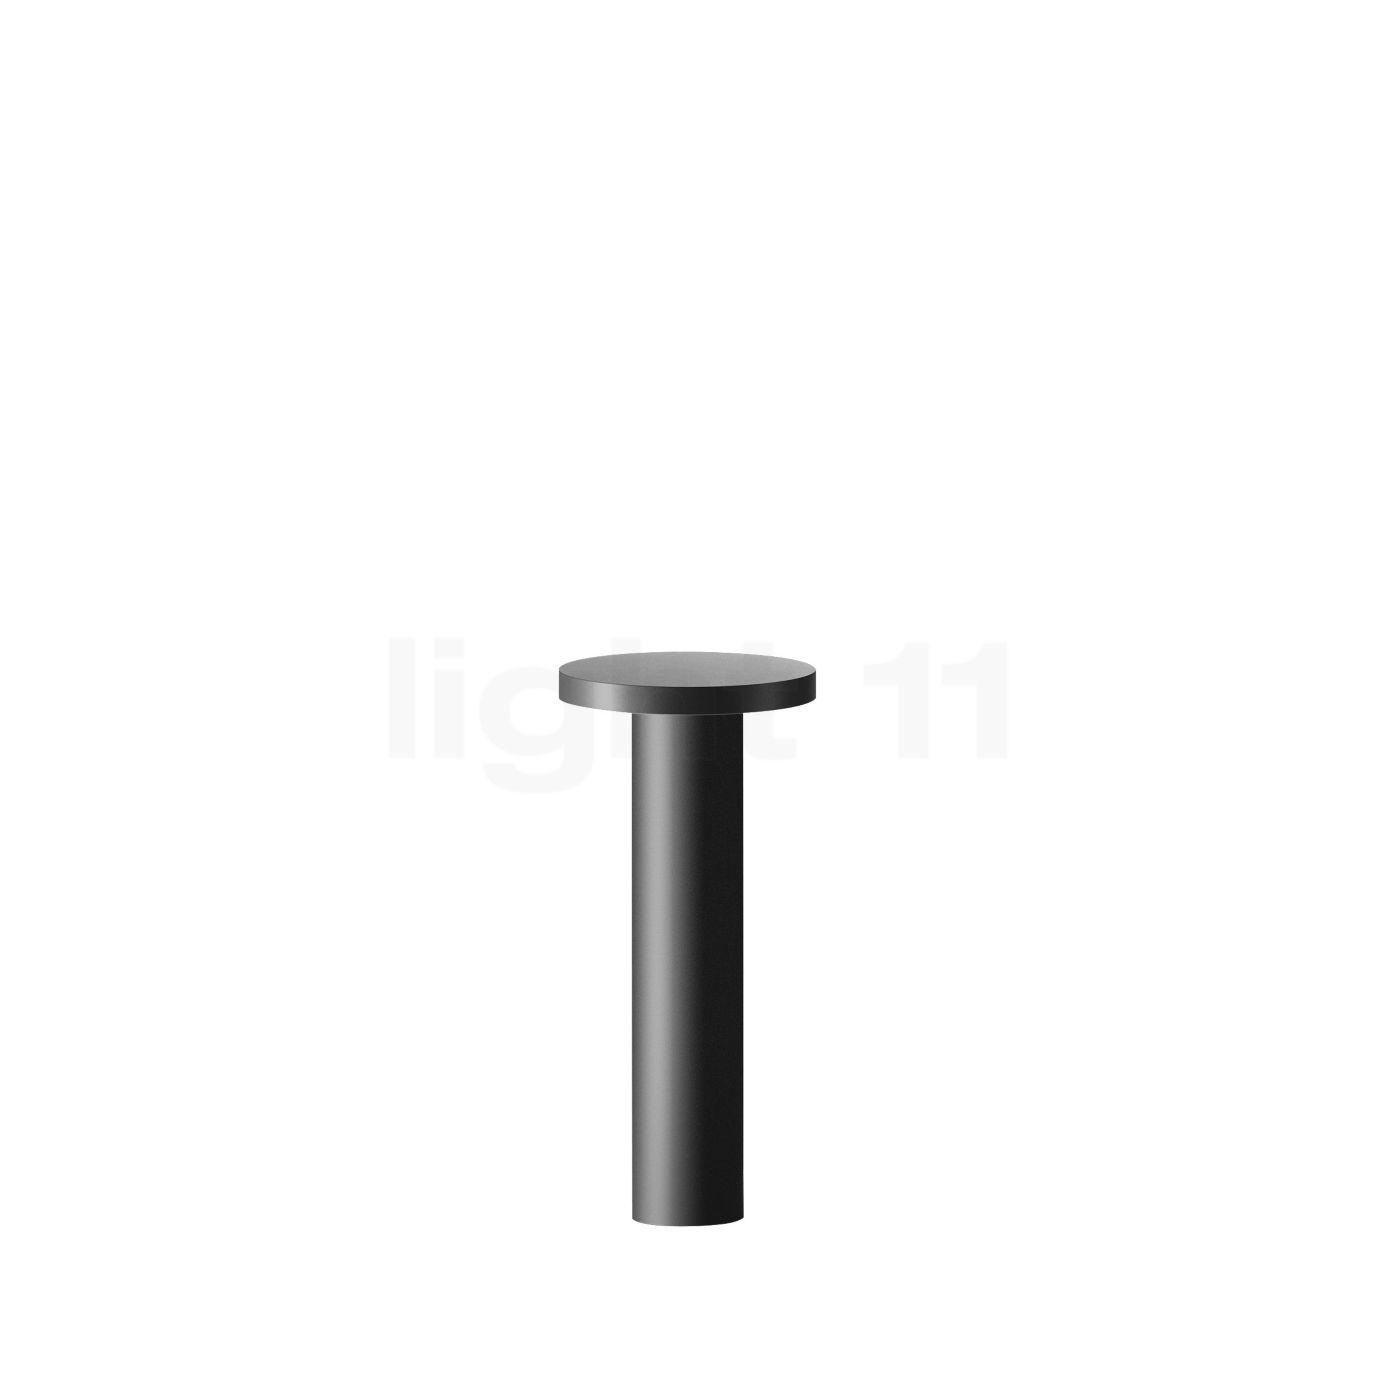 bega 88262 pollerleuchte led kaufen bei. Black Bedroom Furniture Sets. Home Design Ideas